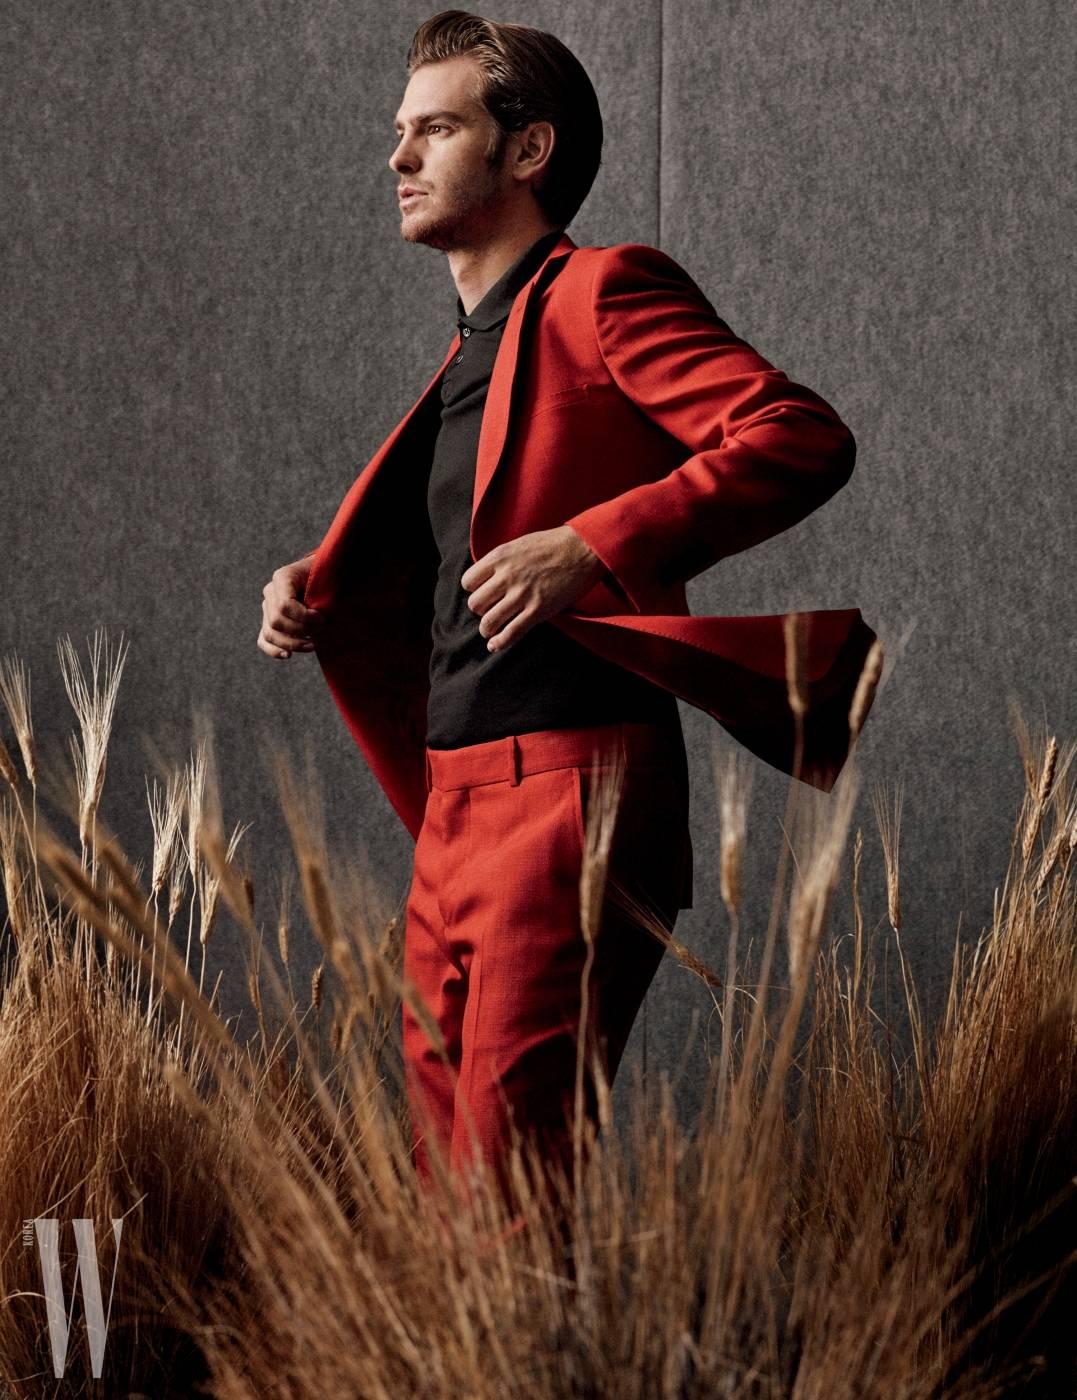 재킷과 팬츠는 알렉산더 매퀸, 셔츠는 A.P.C. 제품.